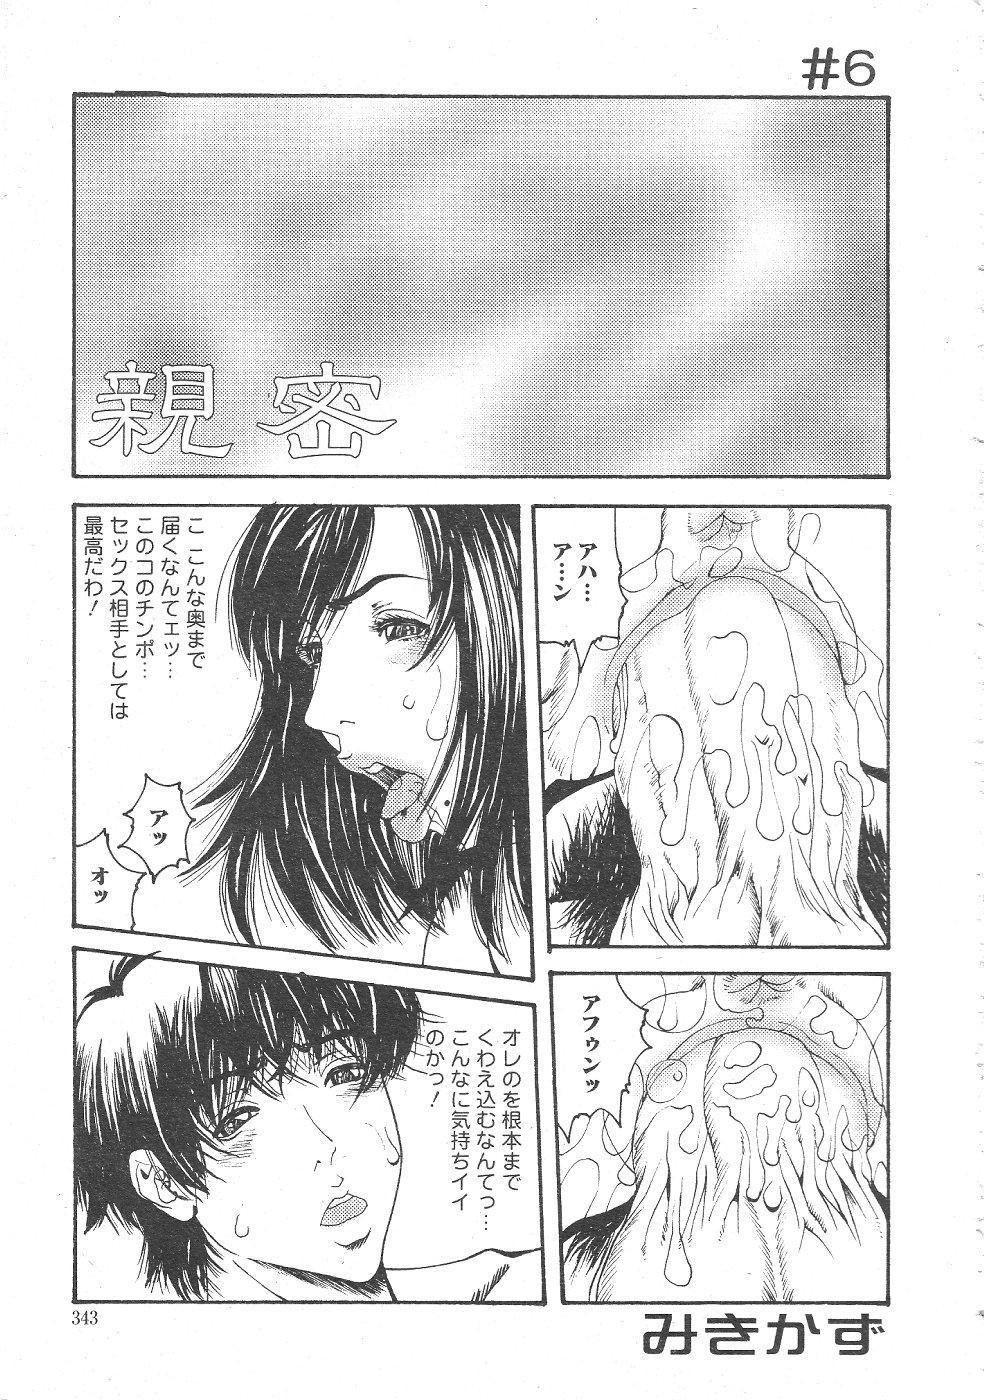 Gekkan Comic Muga 2004-06 Vol.10 346